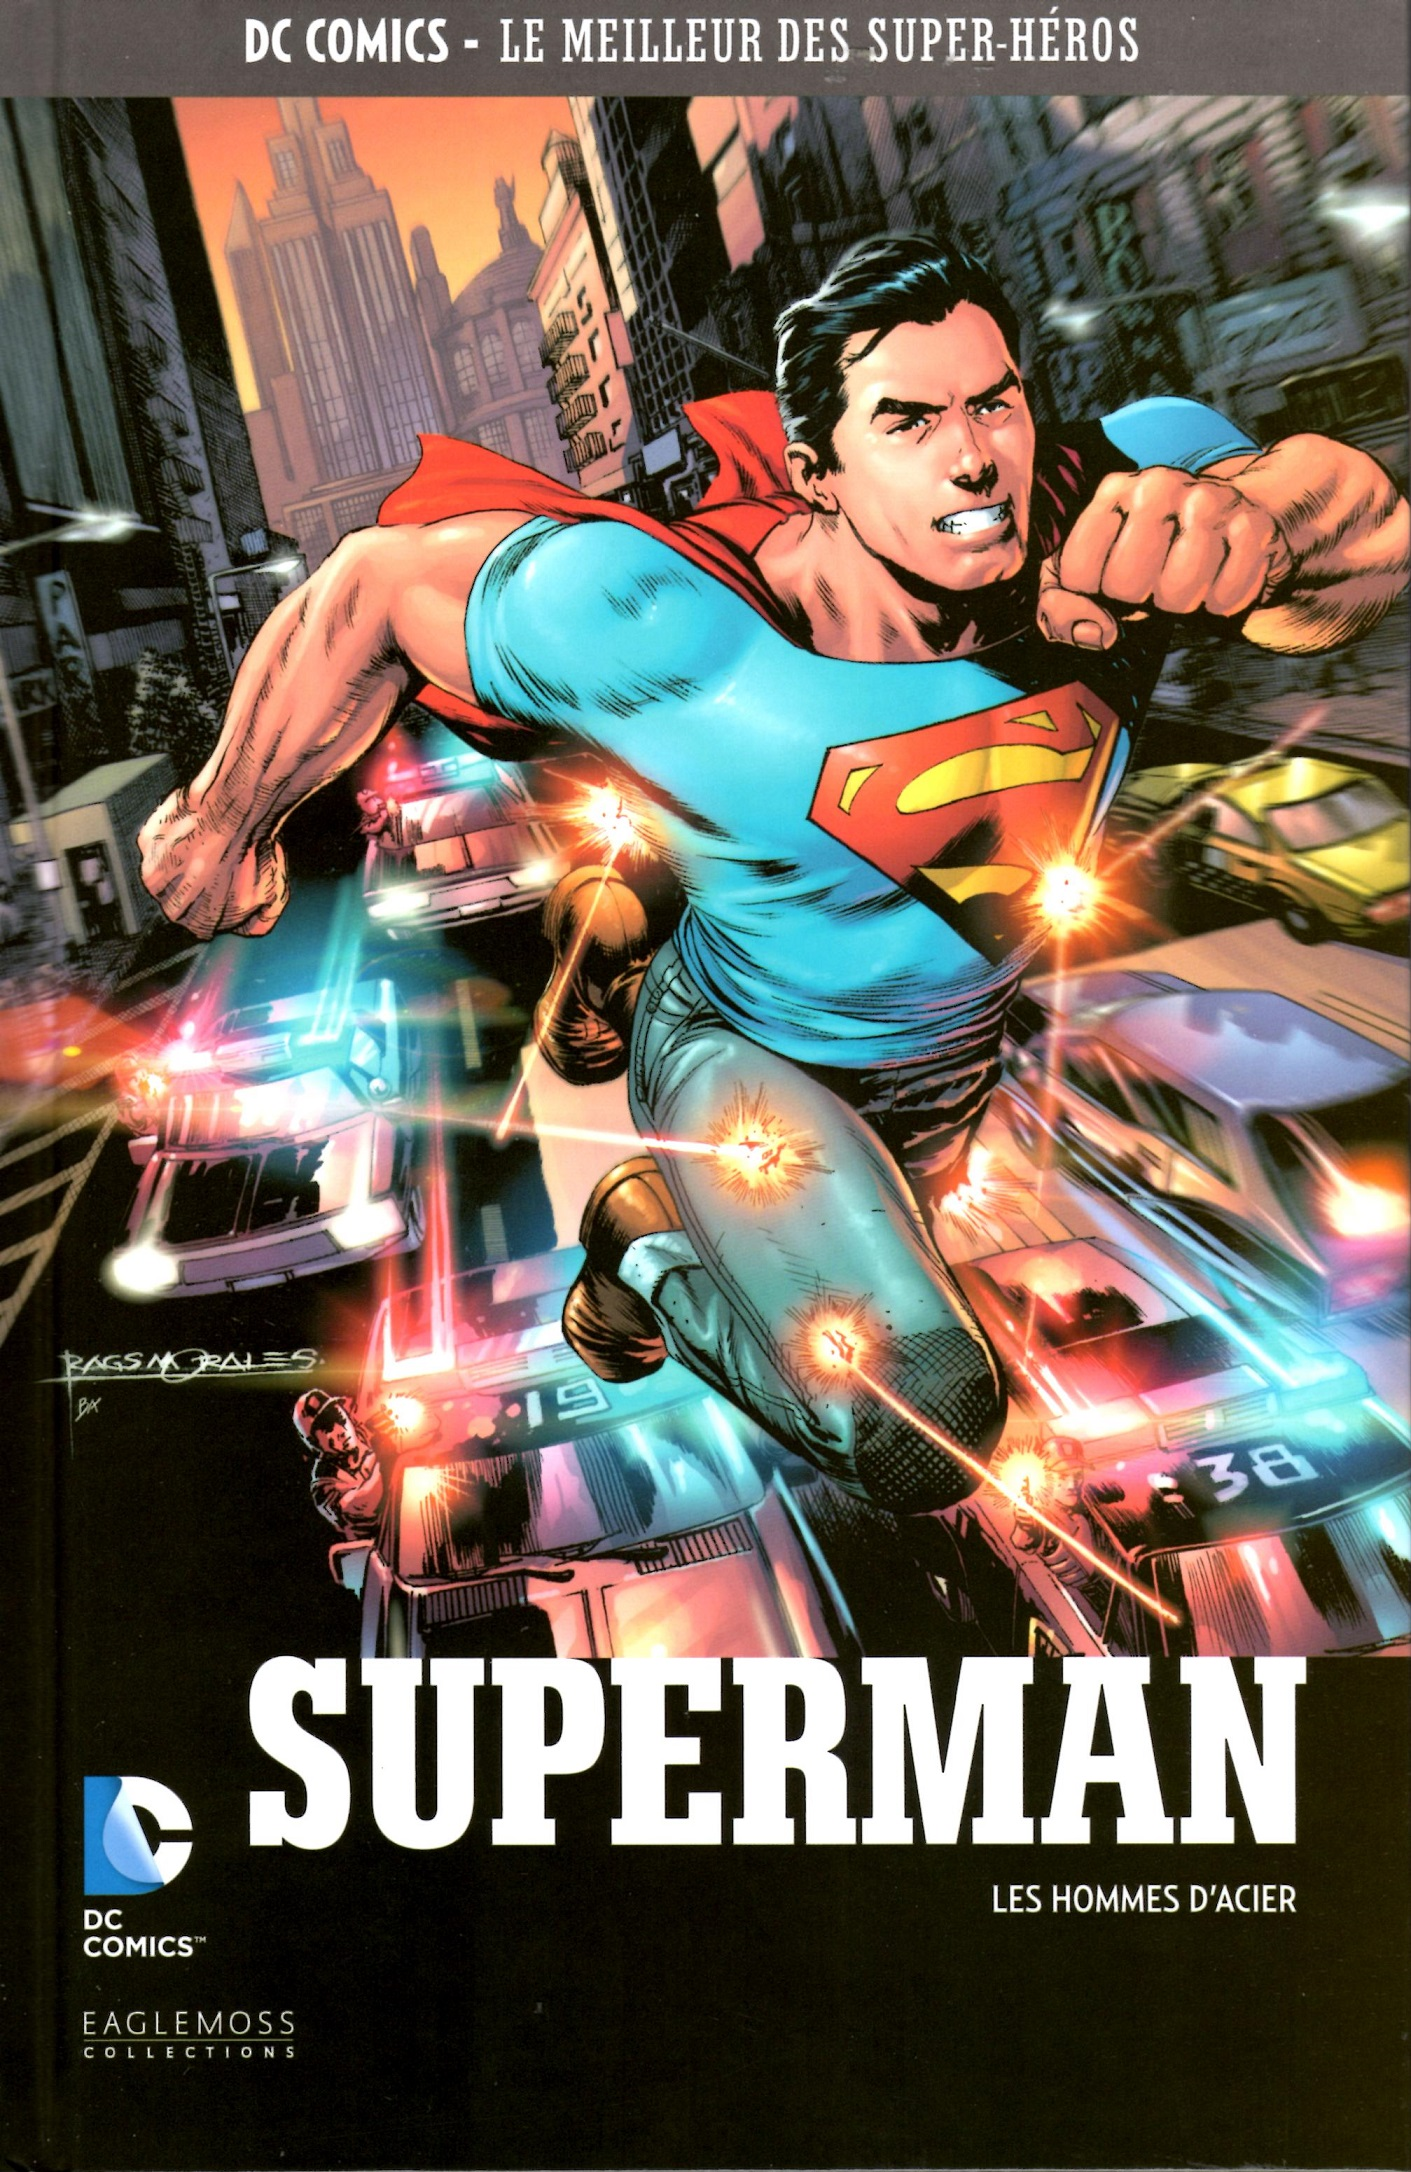 DC Comics - Le Meilleur des Super-Héros 9 - Superman - Les hommes d'aciers